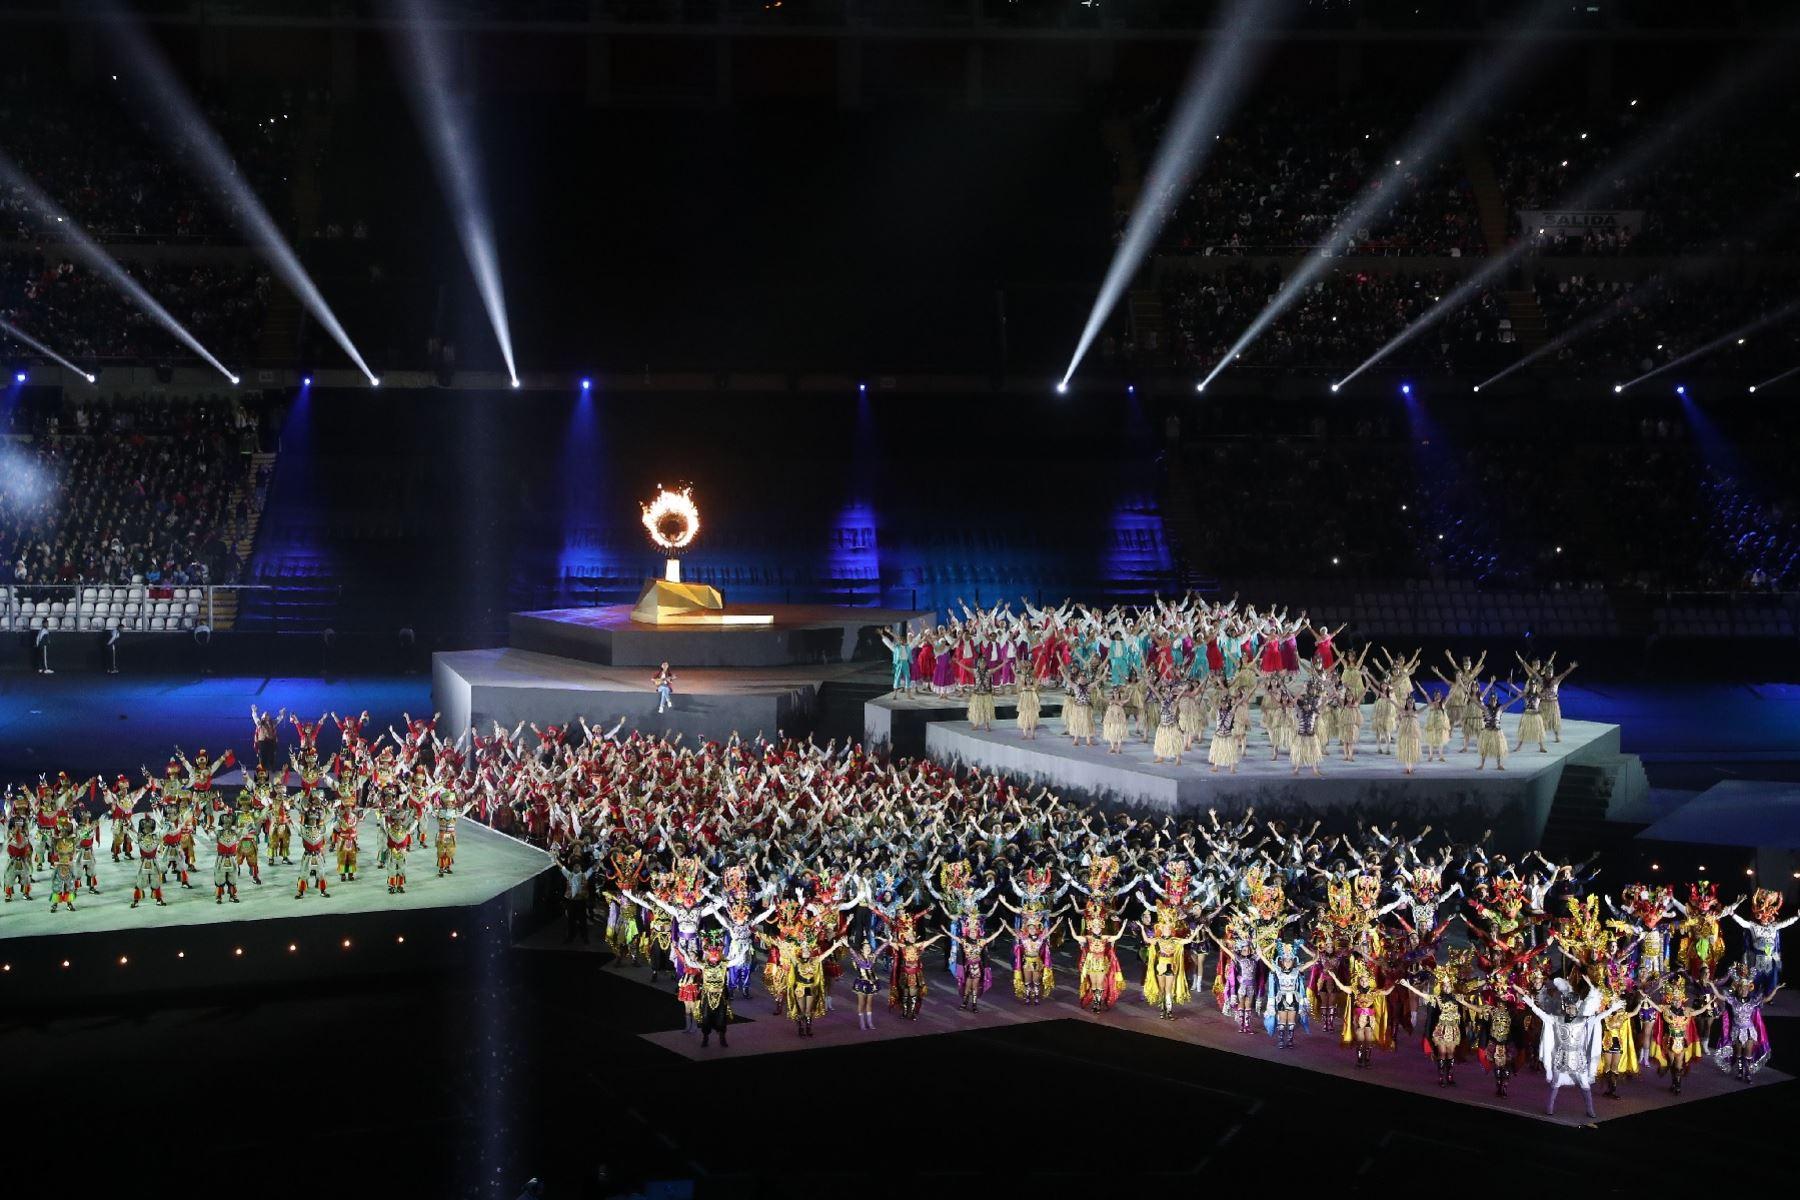 Los Juegos Panamericanos finalizaron este domingo una fiesta interminable. Foto: Twitter/@BalichWS